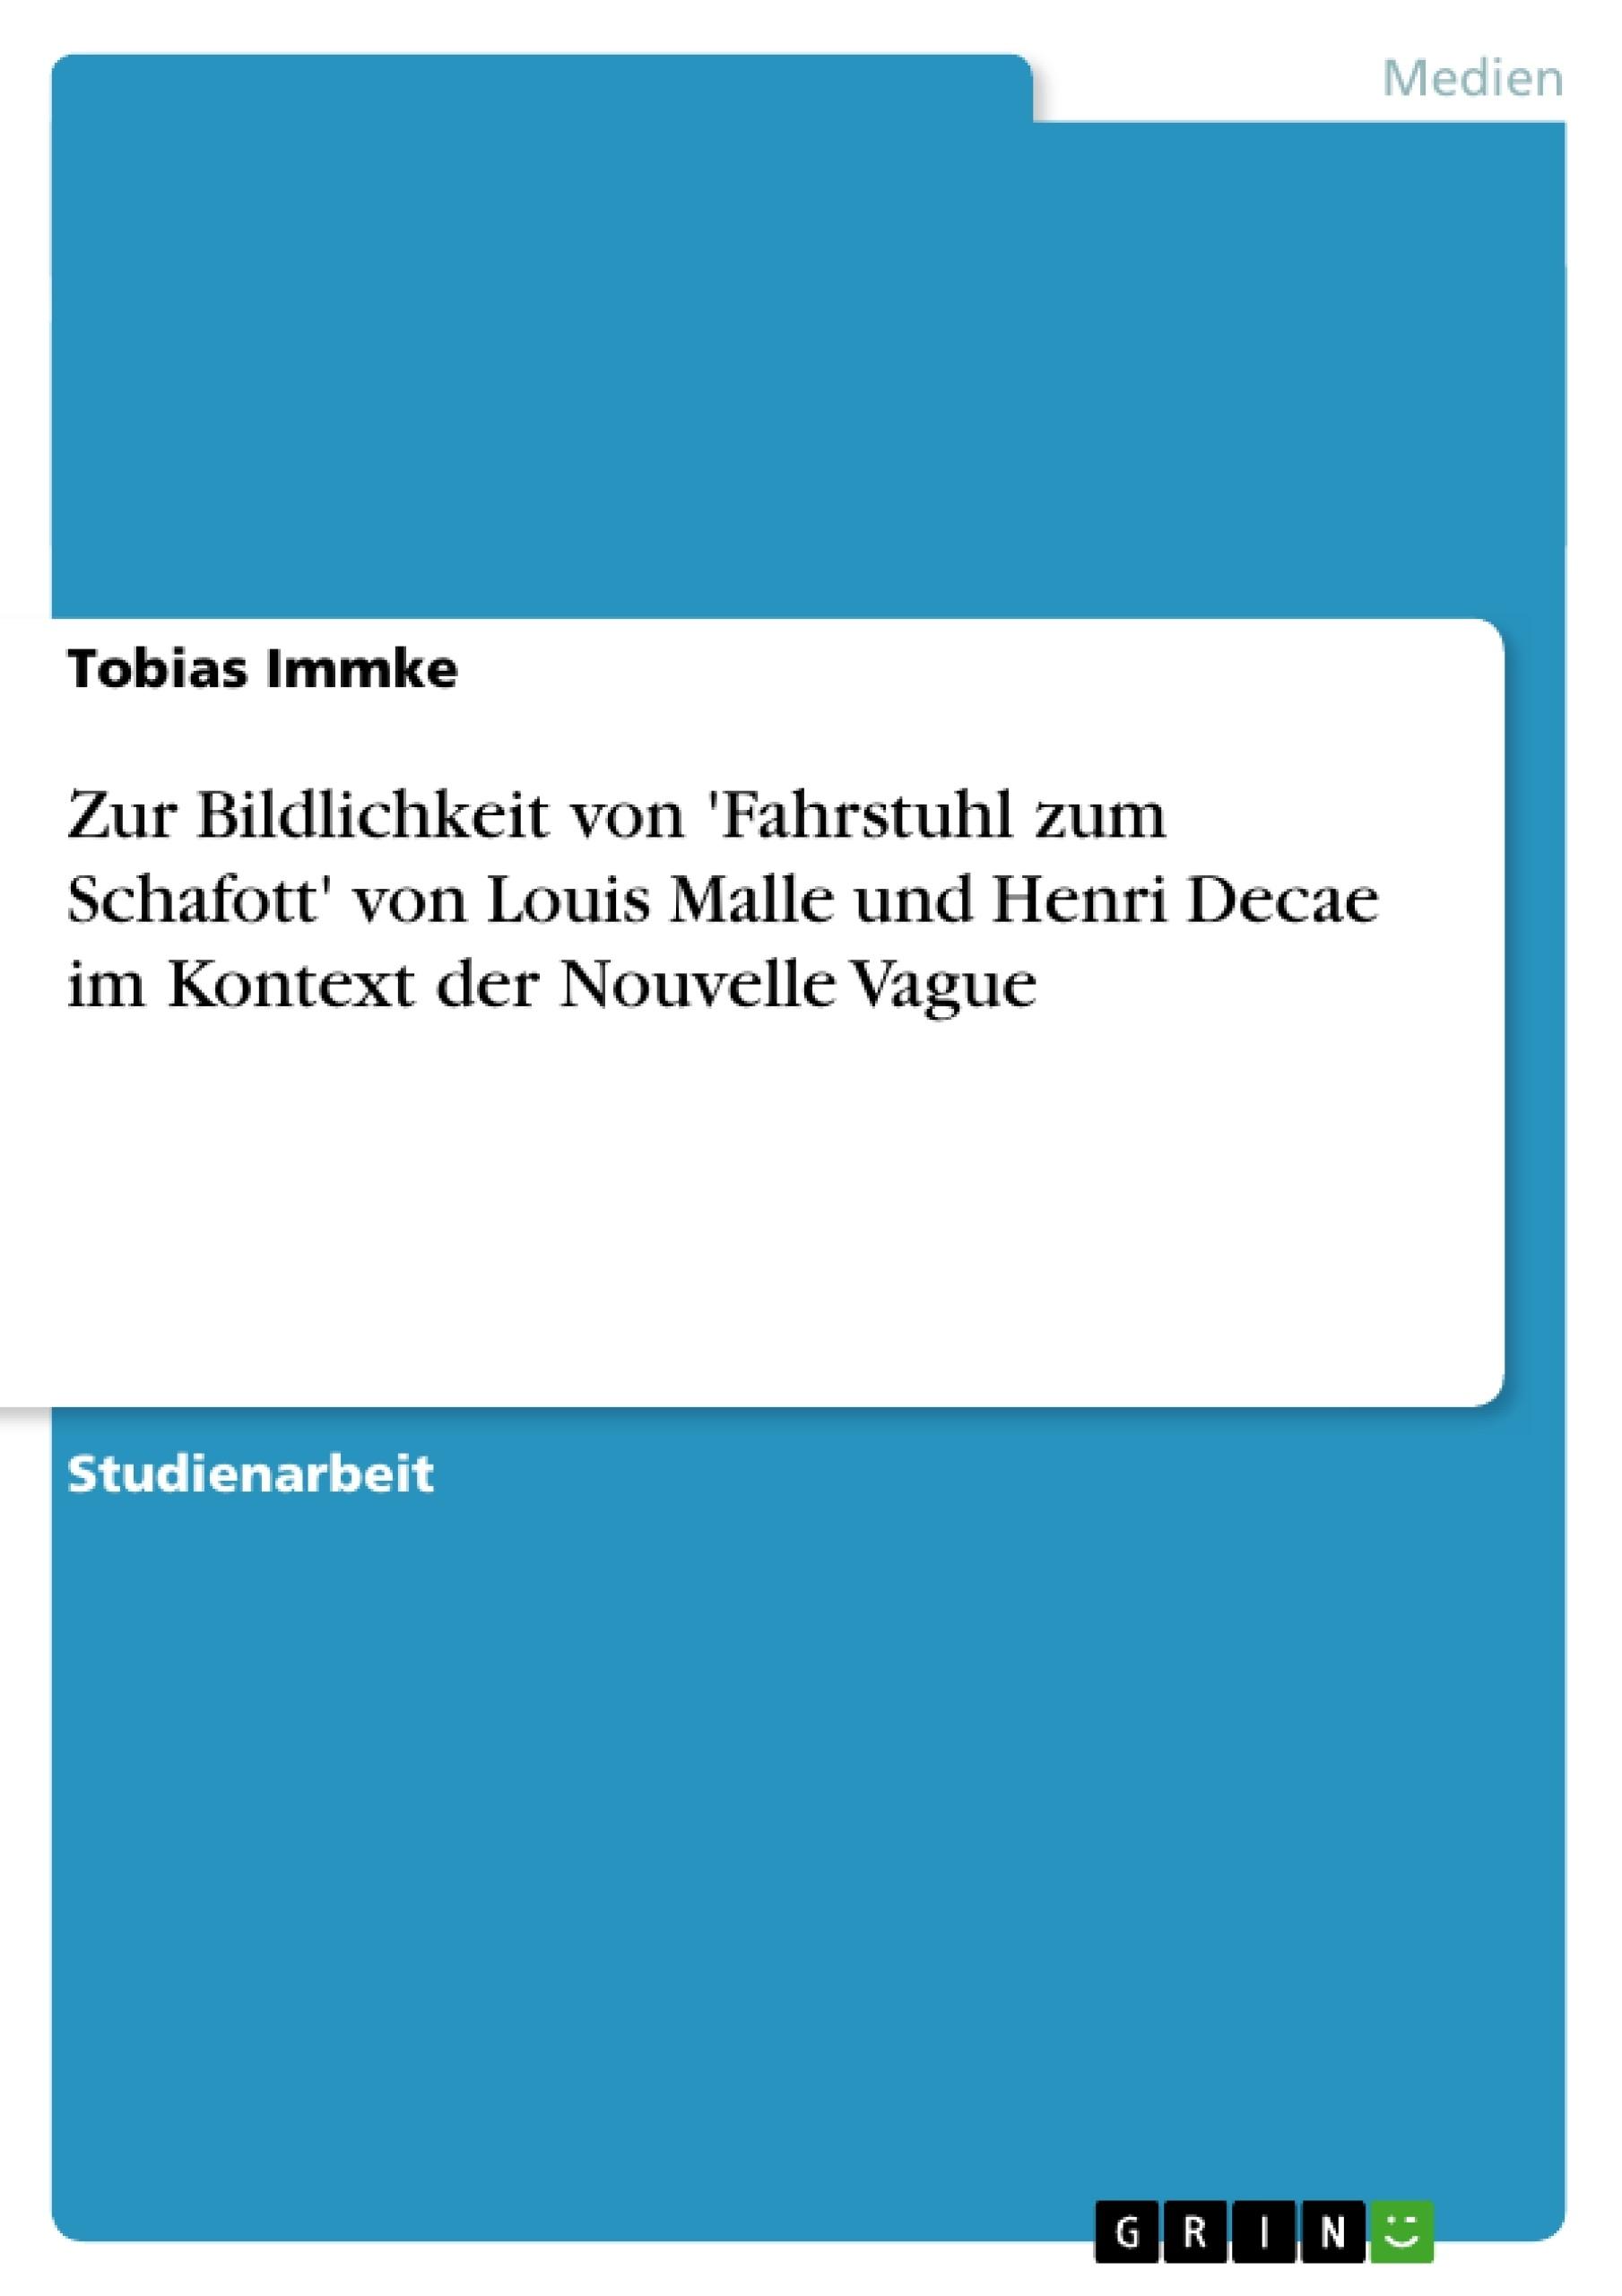 Titel: Zur Bildlichkeit von 'Fahrstuhl zum Schafott' von Louis Malle und Henri Decae im Kontext der Nouvelle Vague